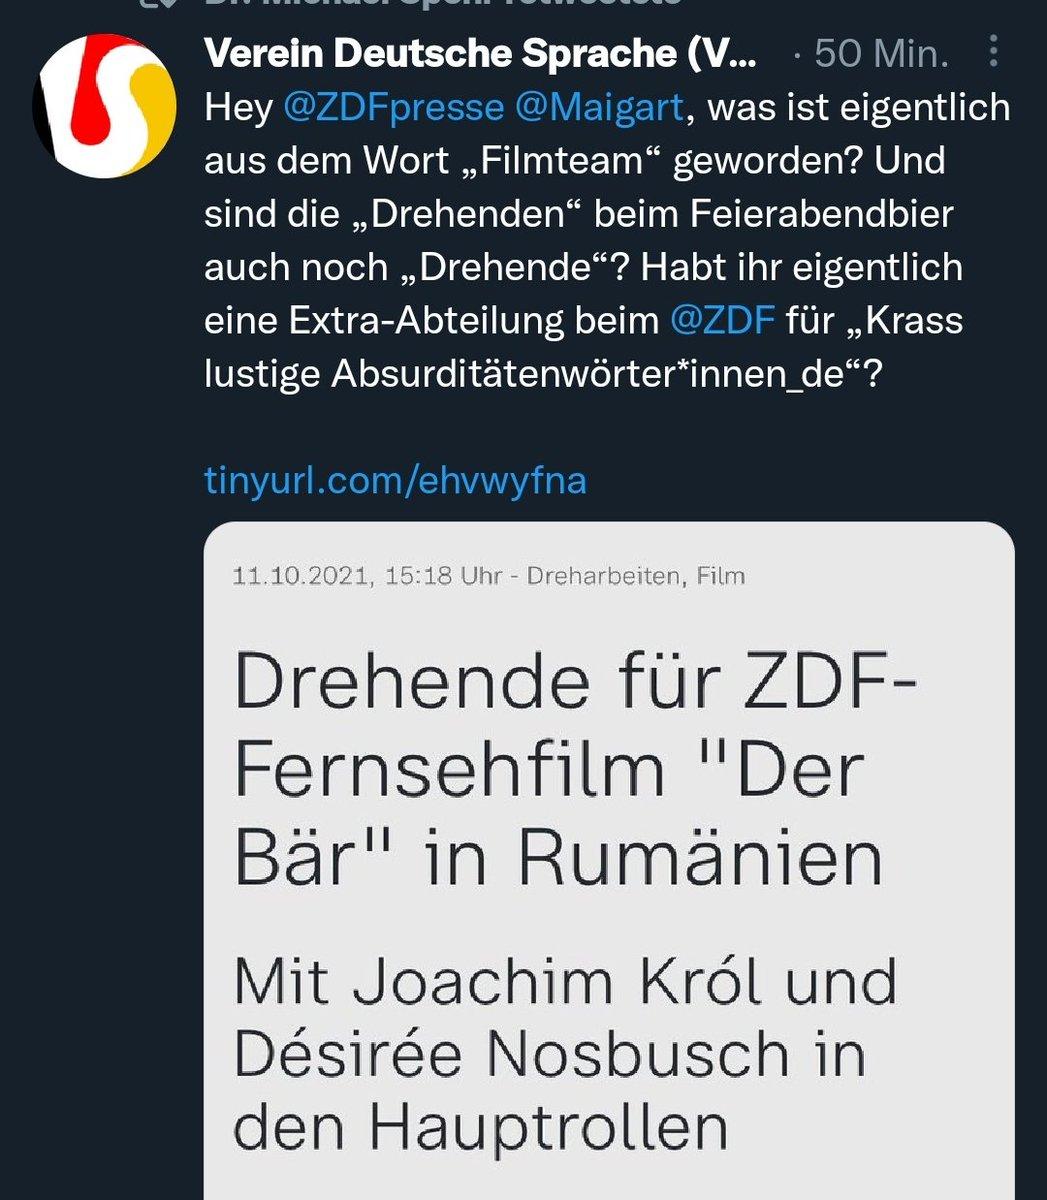 @ClaasGefroi's photo on Verein Deutsche Sprache